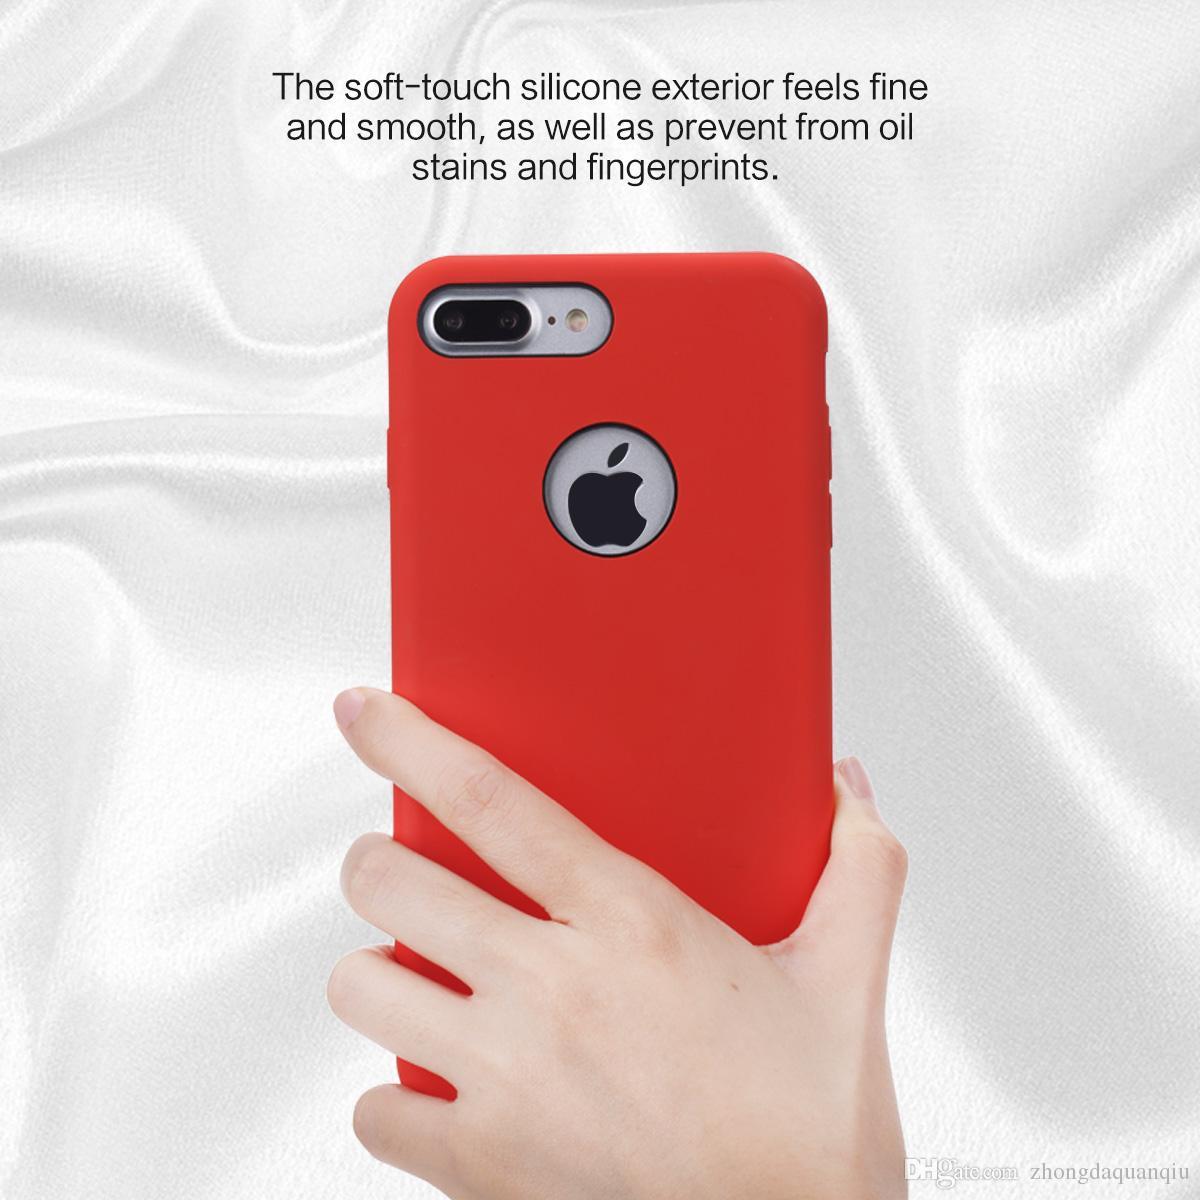 custodia in silicone per iphone 7 plus